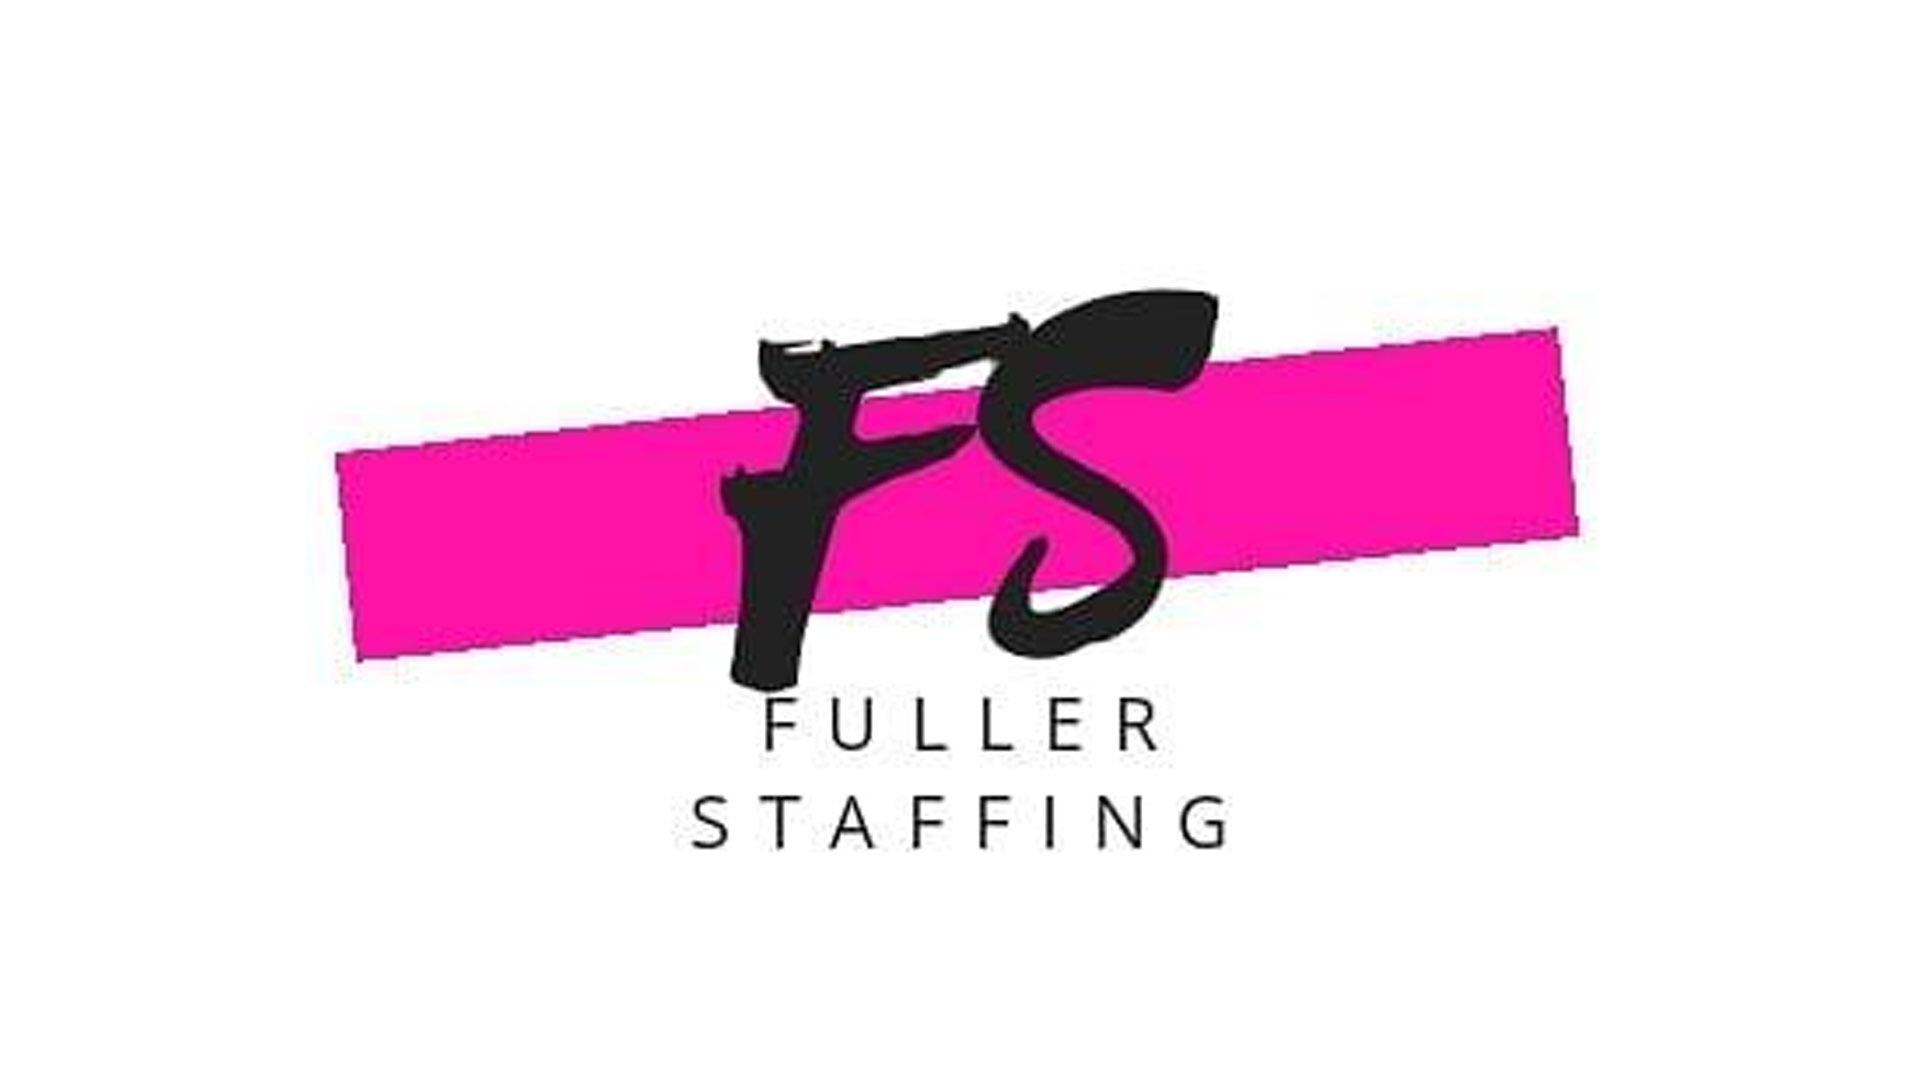 Fuller Staffing logo